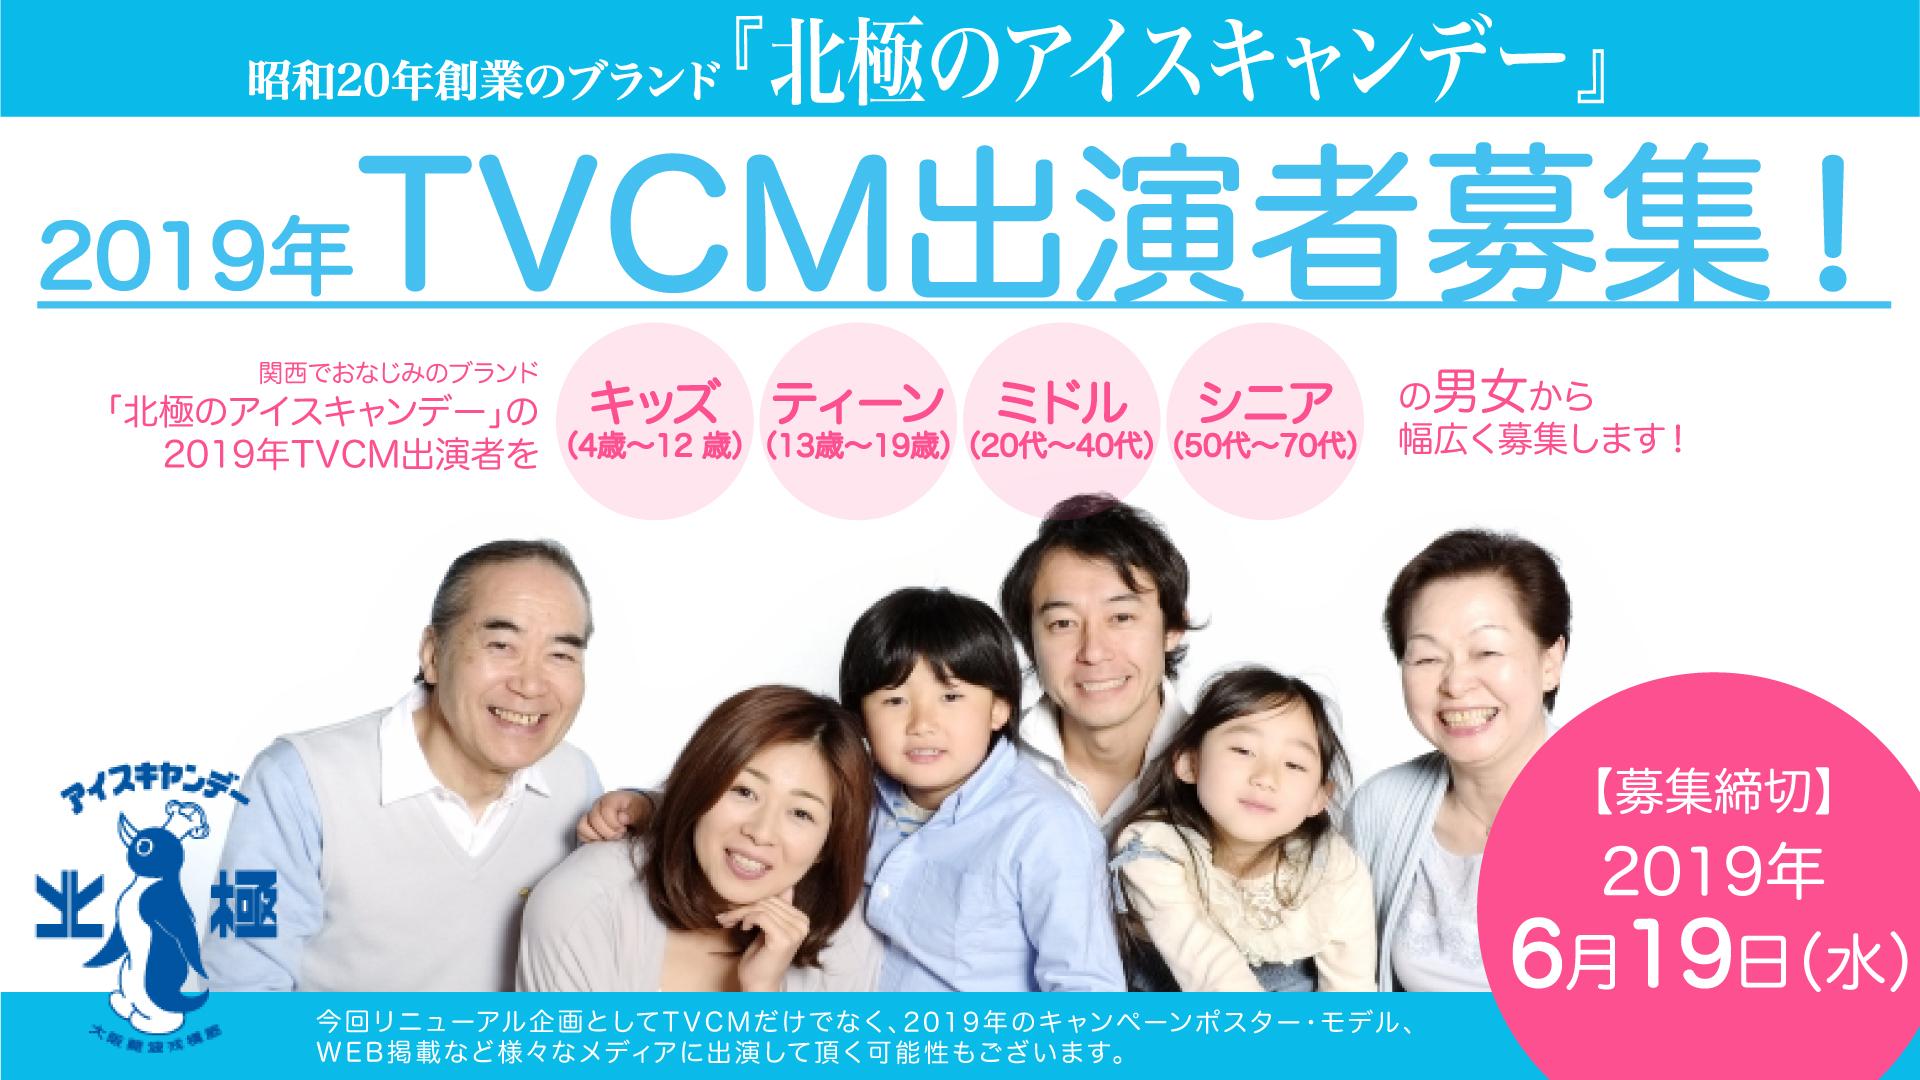 【CM完成】『北極のアイスキャンデー2019(夏の家族編)』CM